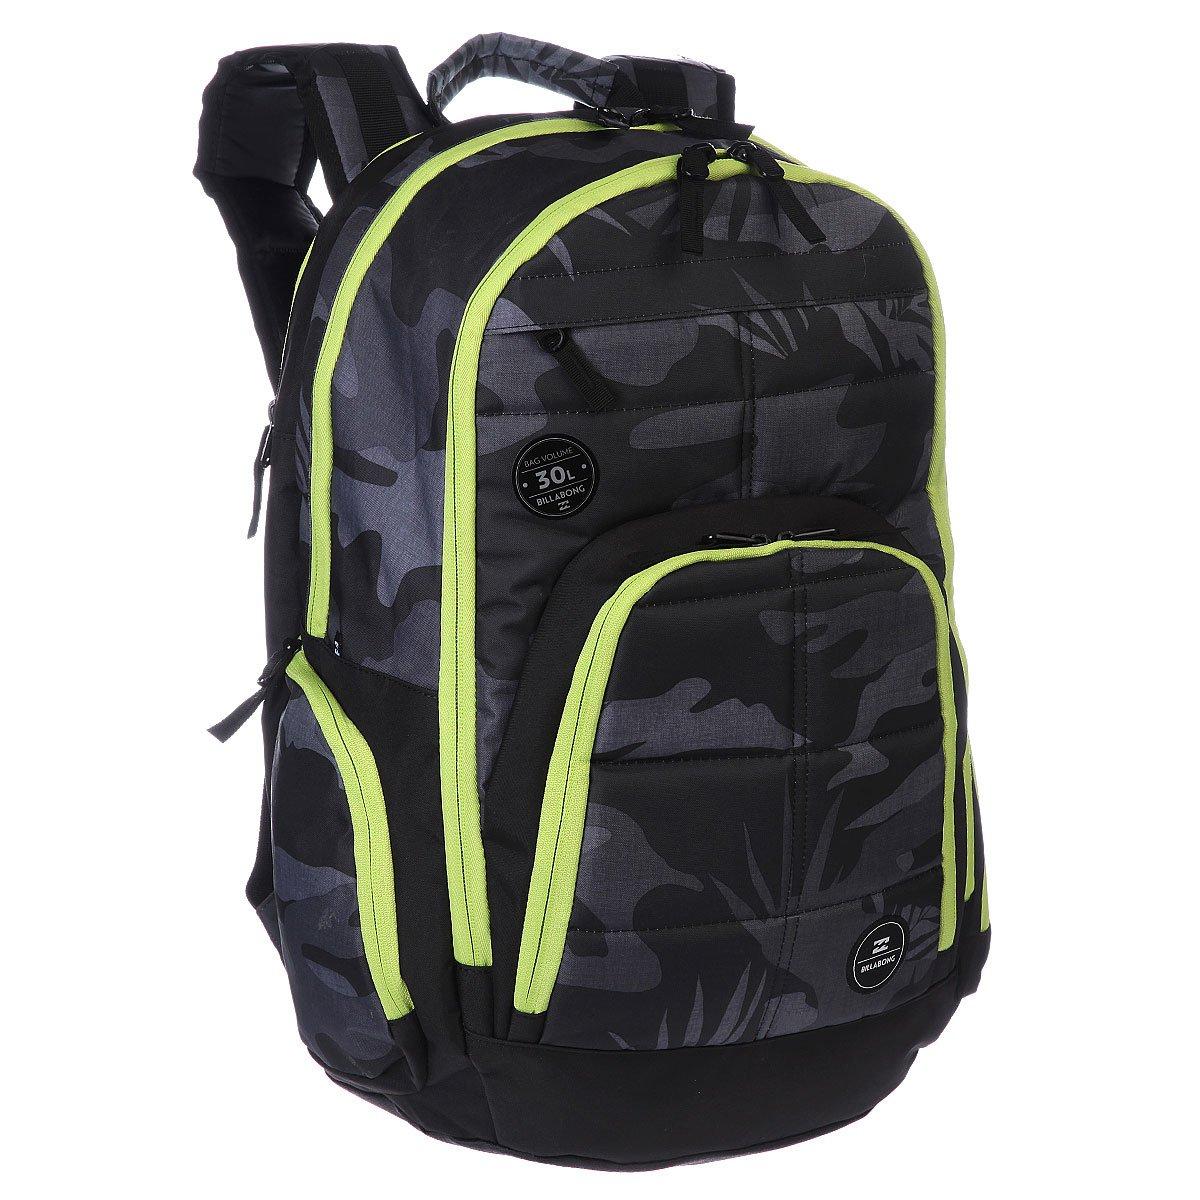 40e99dbc7eca Купить рюкзак школьный Billabong Command Wet And Dry Camo в интернет ...